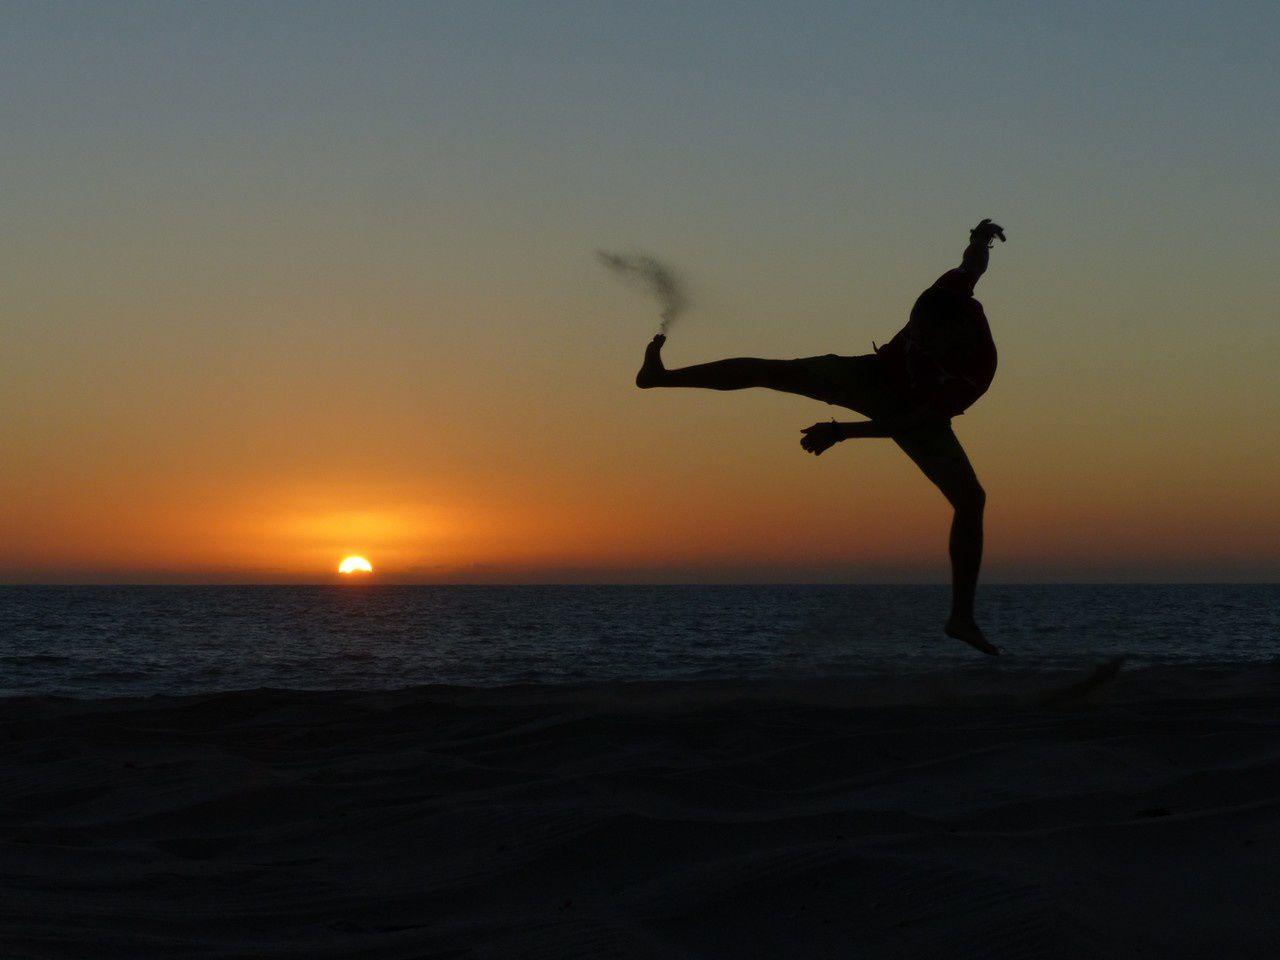 De Perth à Karijini : Bienvenue dans l'Outback australien